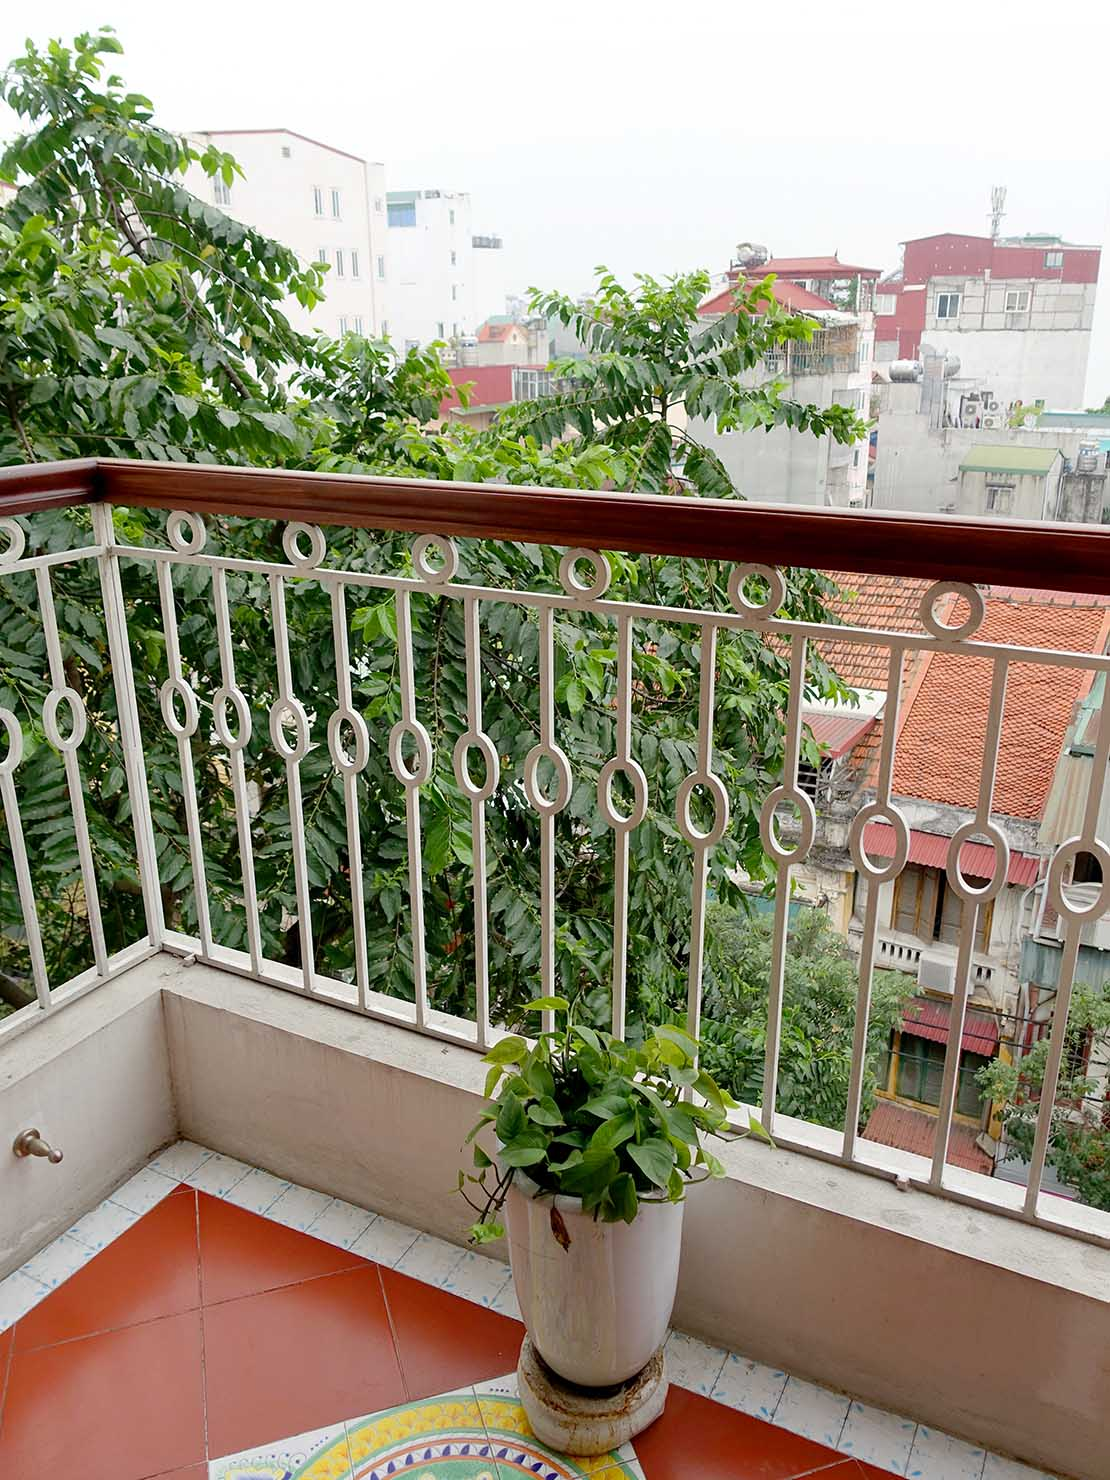 ハノイ旧市街ど真ん中の観光に便利なおすすめホテル「Hai Bay Hotel」エグゼクティブ・ダブルルームのベランダ